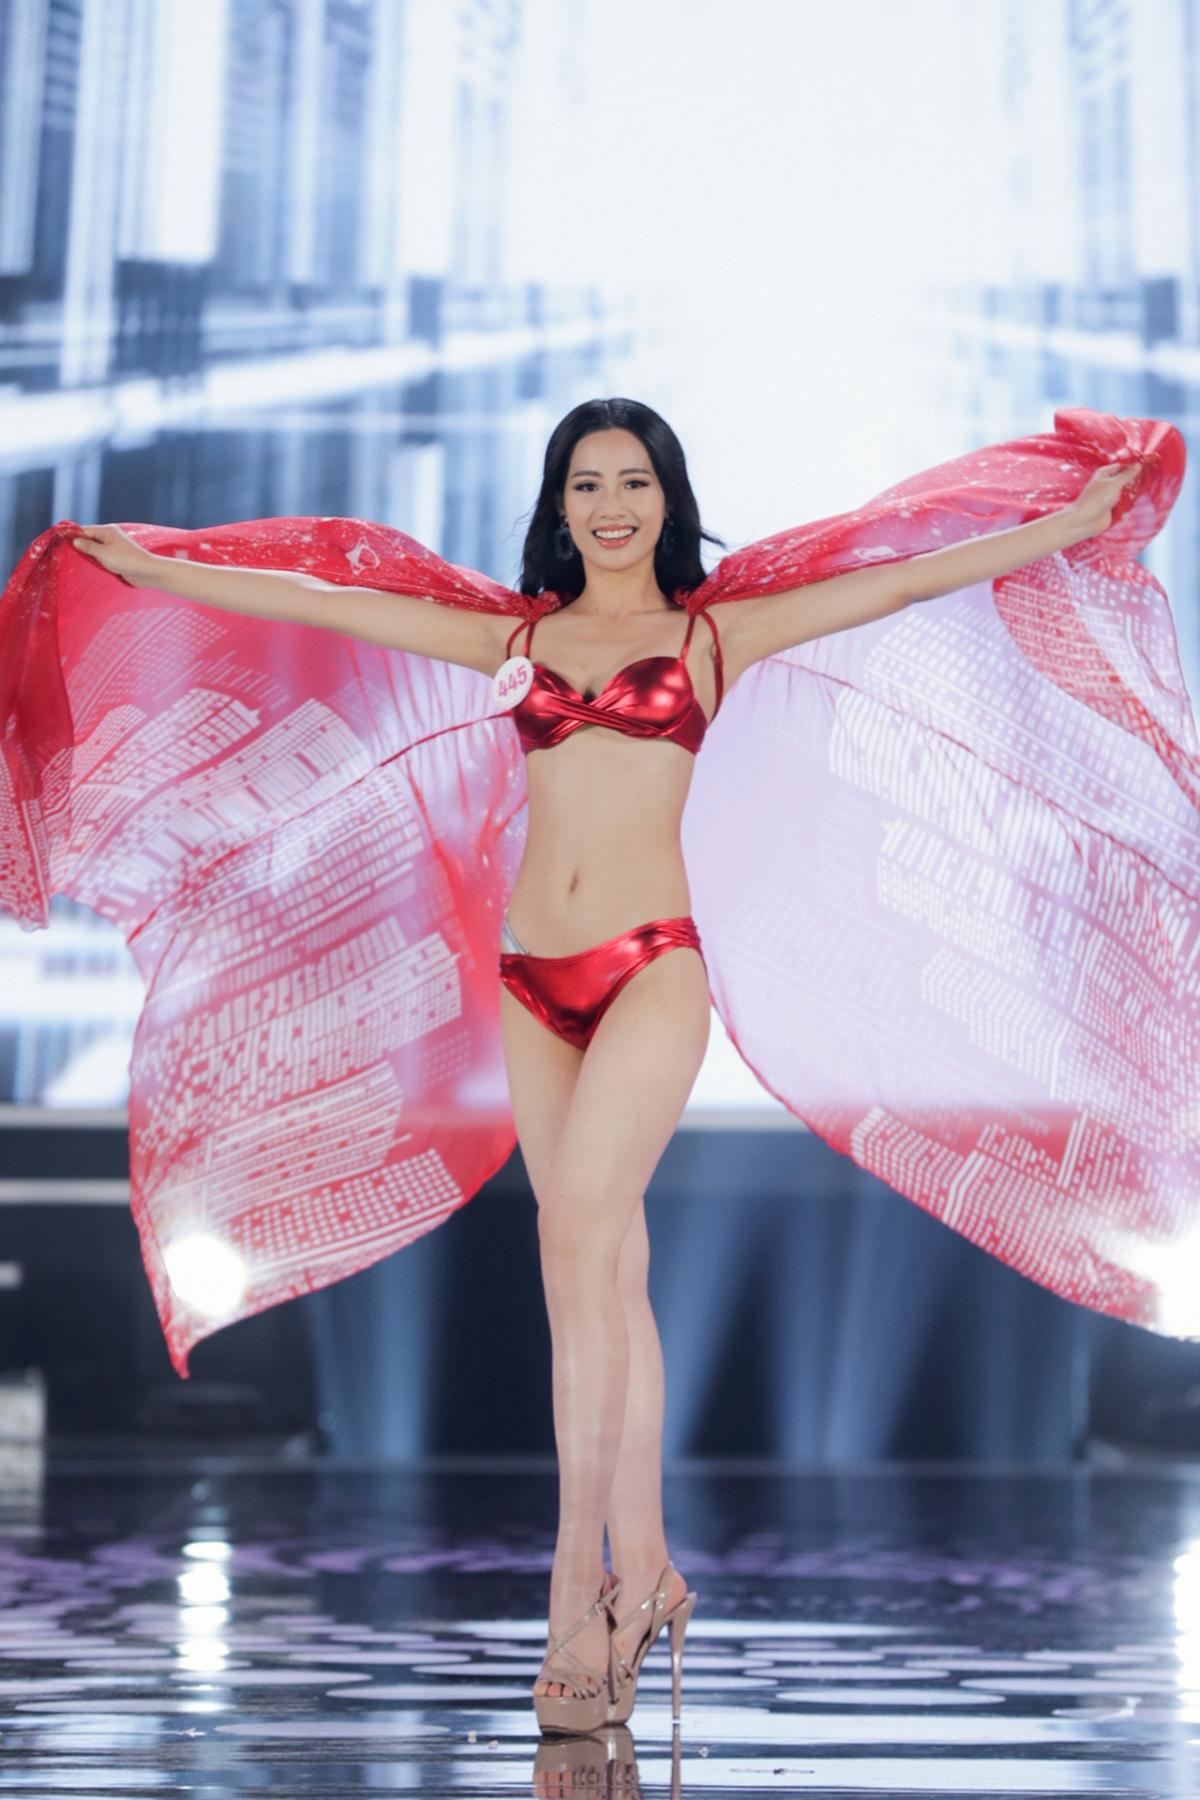 Bộ sưu tập bikini lấy tông đỏ rực rỡ làm chủ đạo kết hợp cùng ánh bạc làm bừng sáng hơn nét đẹp của các cô gái.